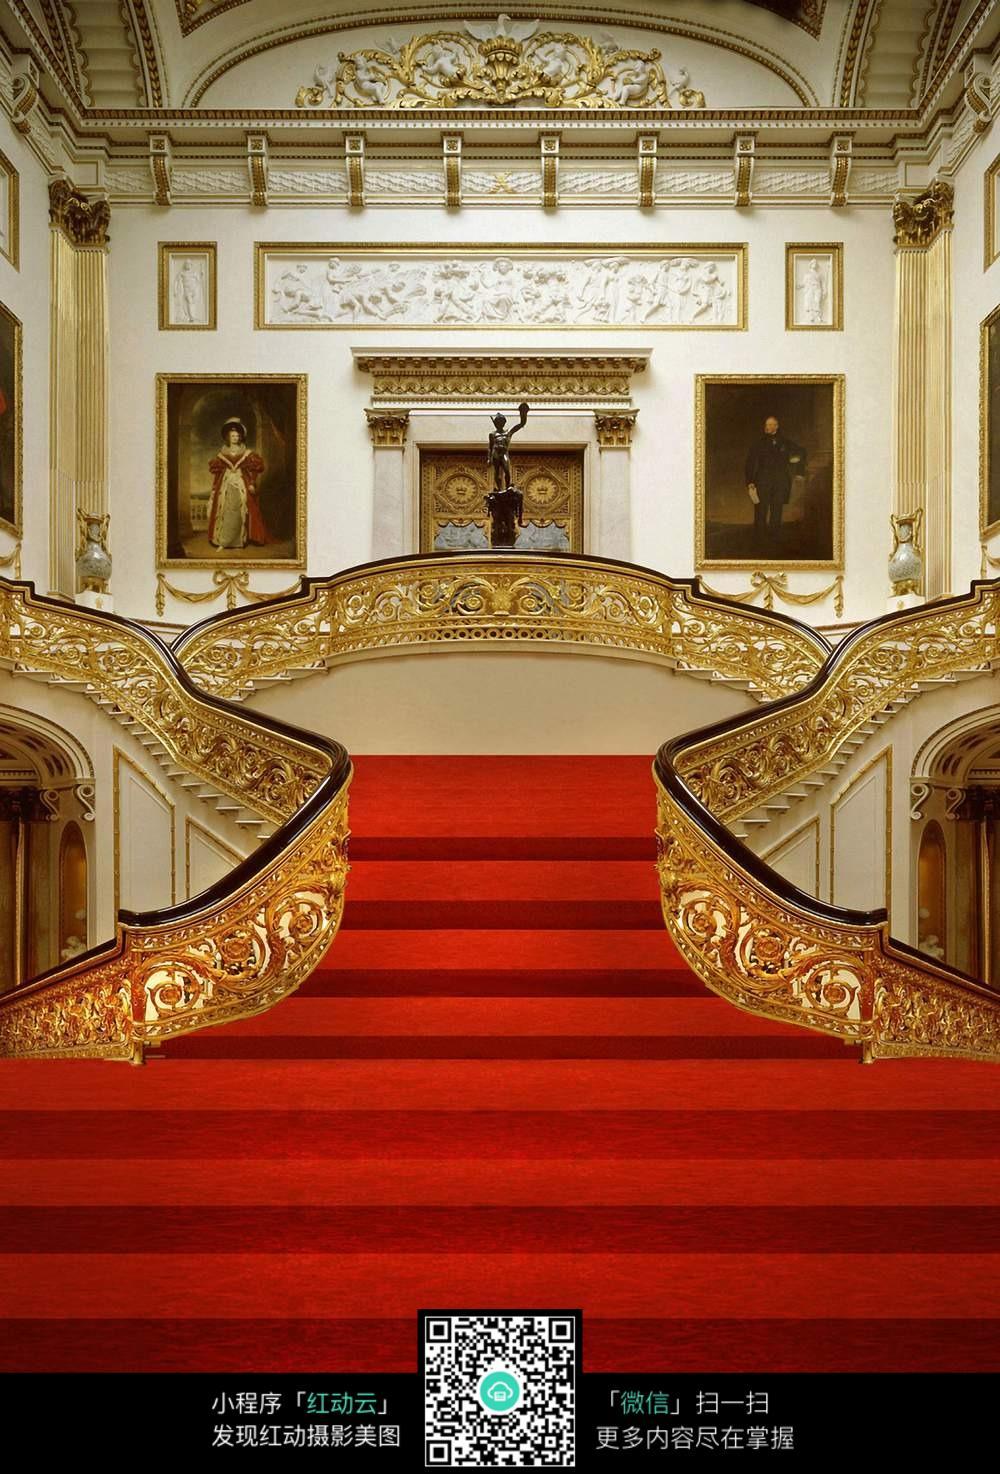 宫殿 雕花 华贵图片